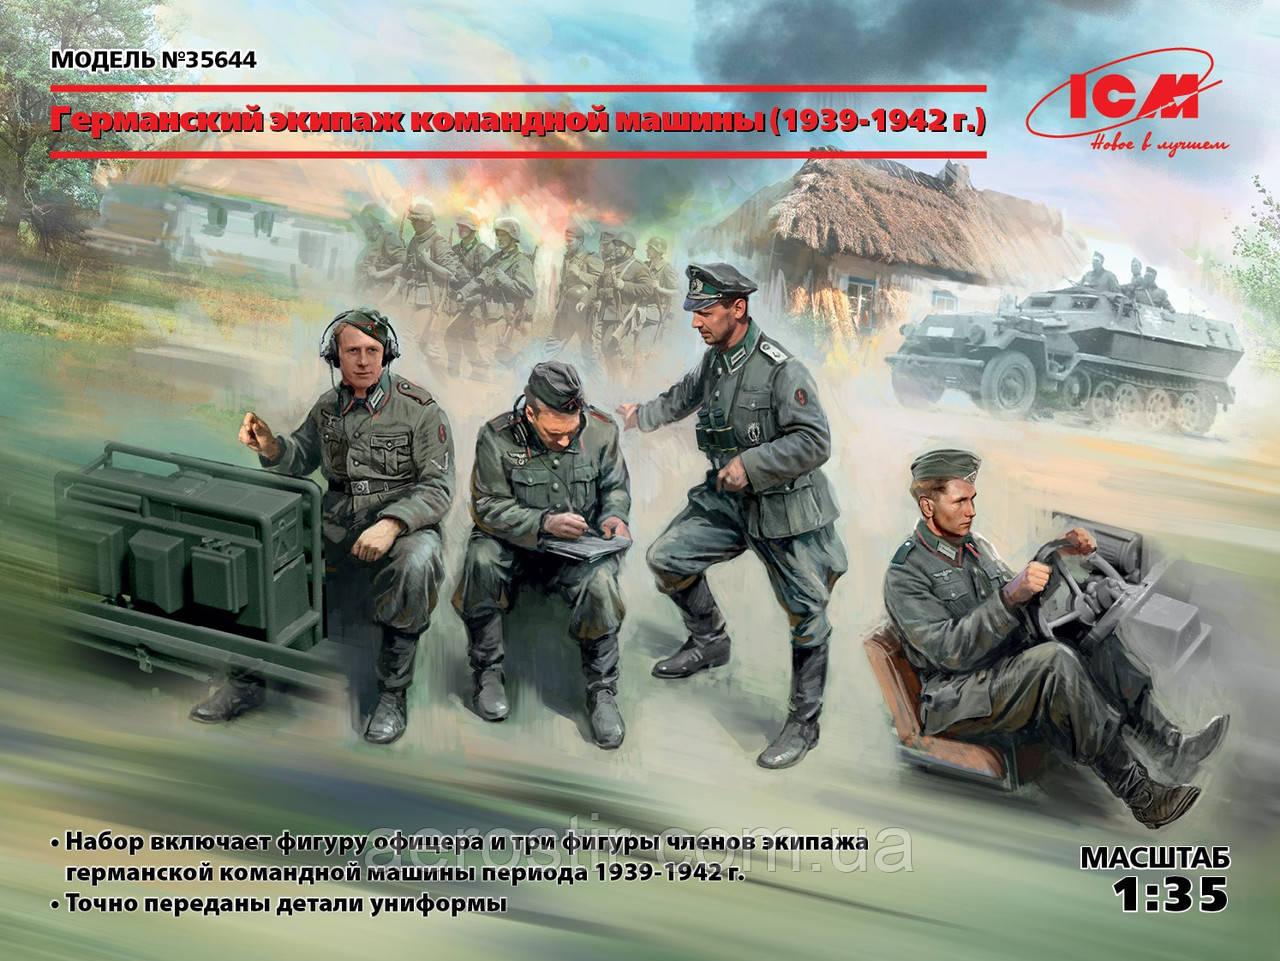 Германский экипаж командной машины (1939-1942 г.) 1/35 ICM 35644